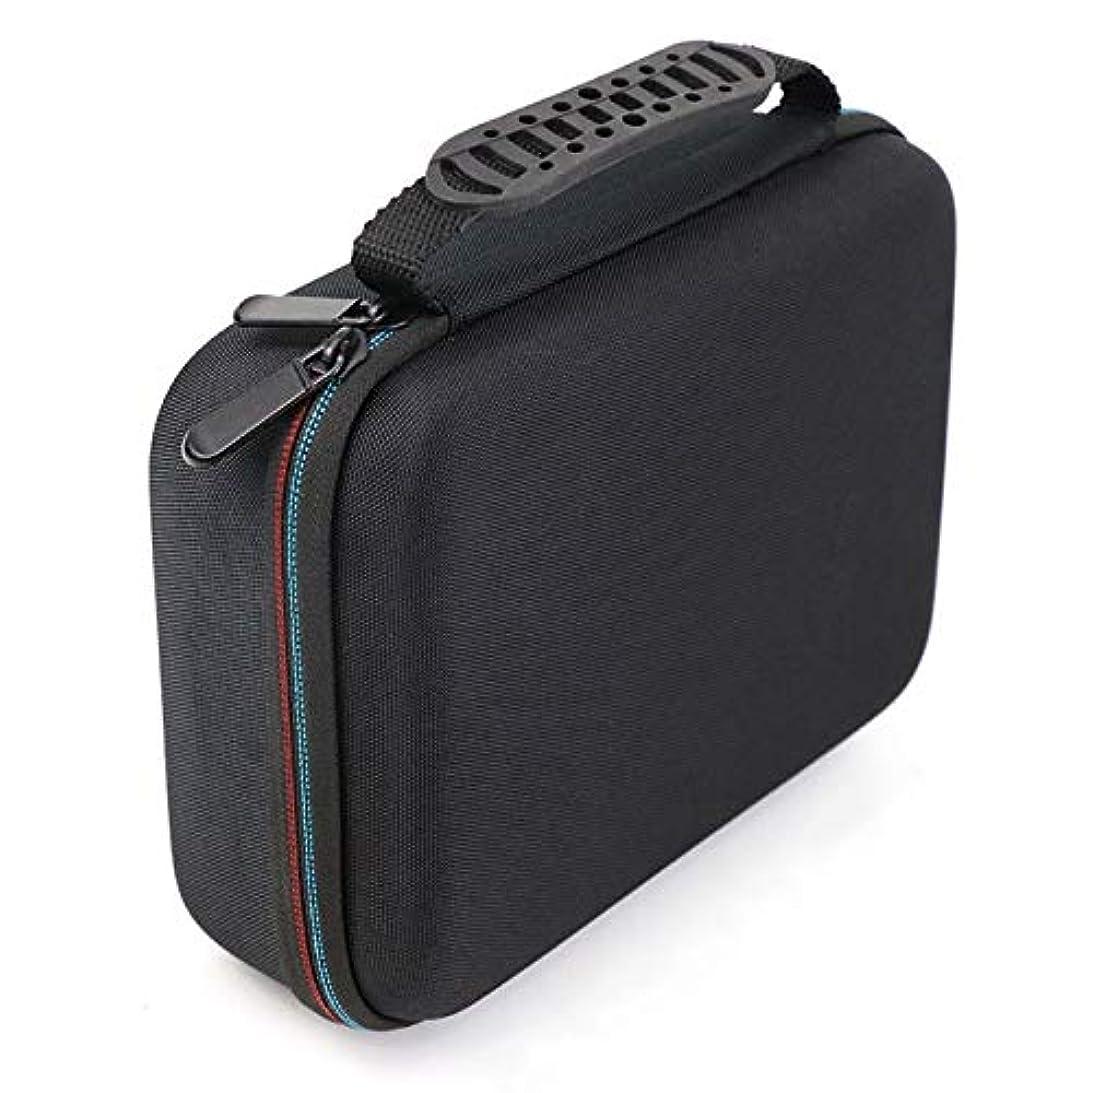 クール酔った不正直RETYLY バリカンの収納ケース、携帯用ケース、耐衝撃バッグ、シェーバーのキット、Evaハードケース、収納バッグ、 Mgk3020/3060/3080用